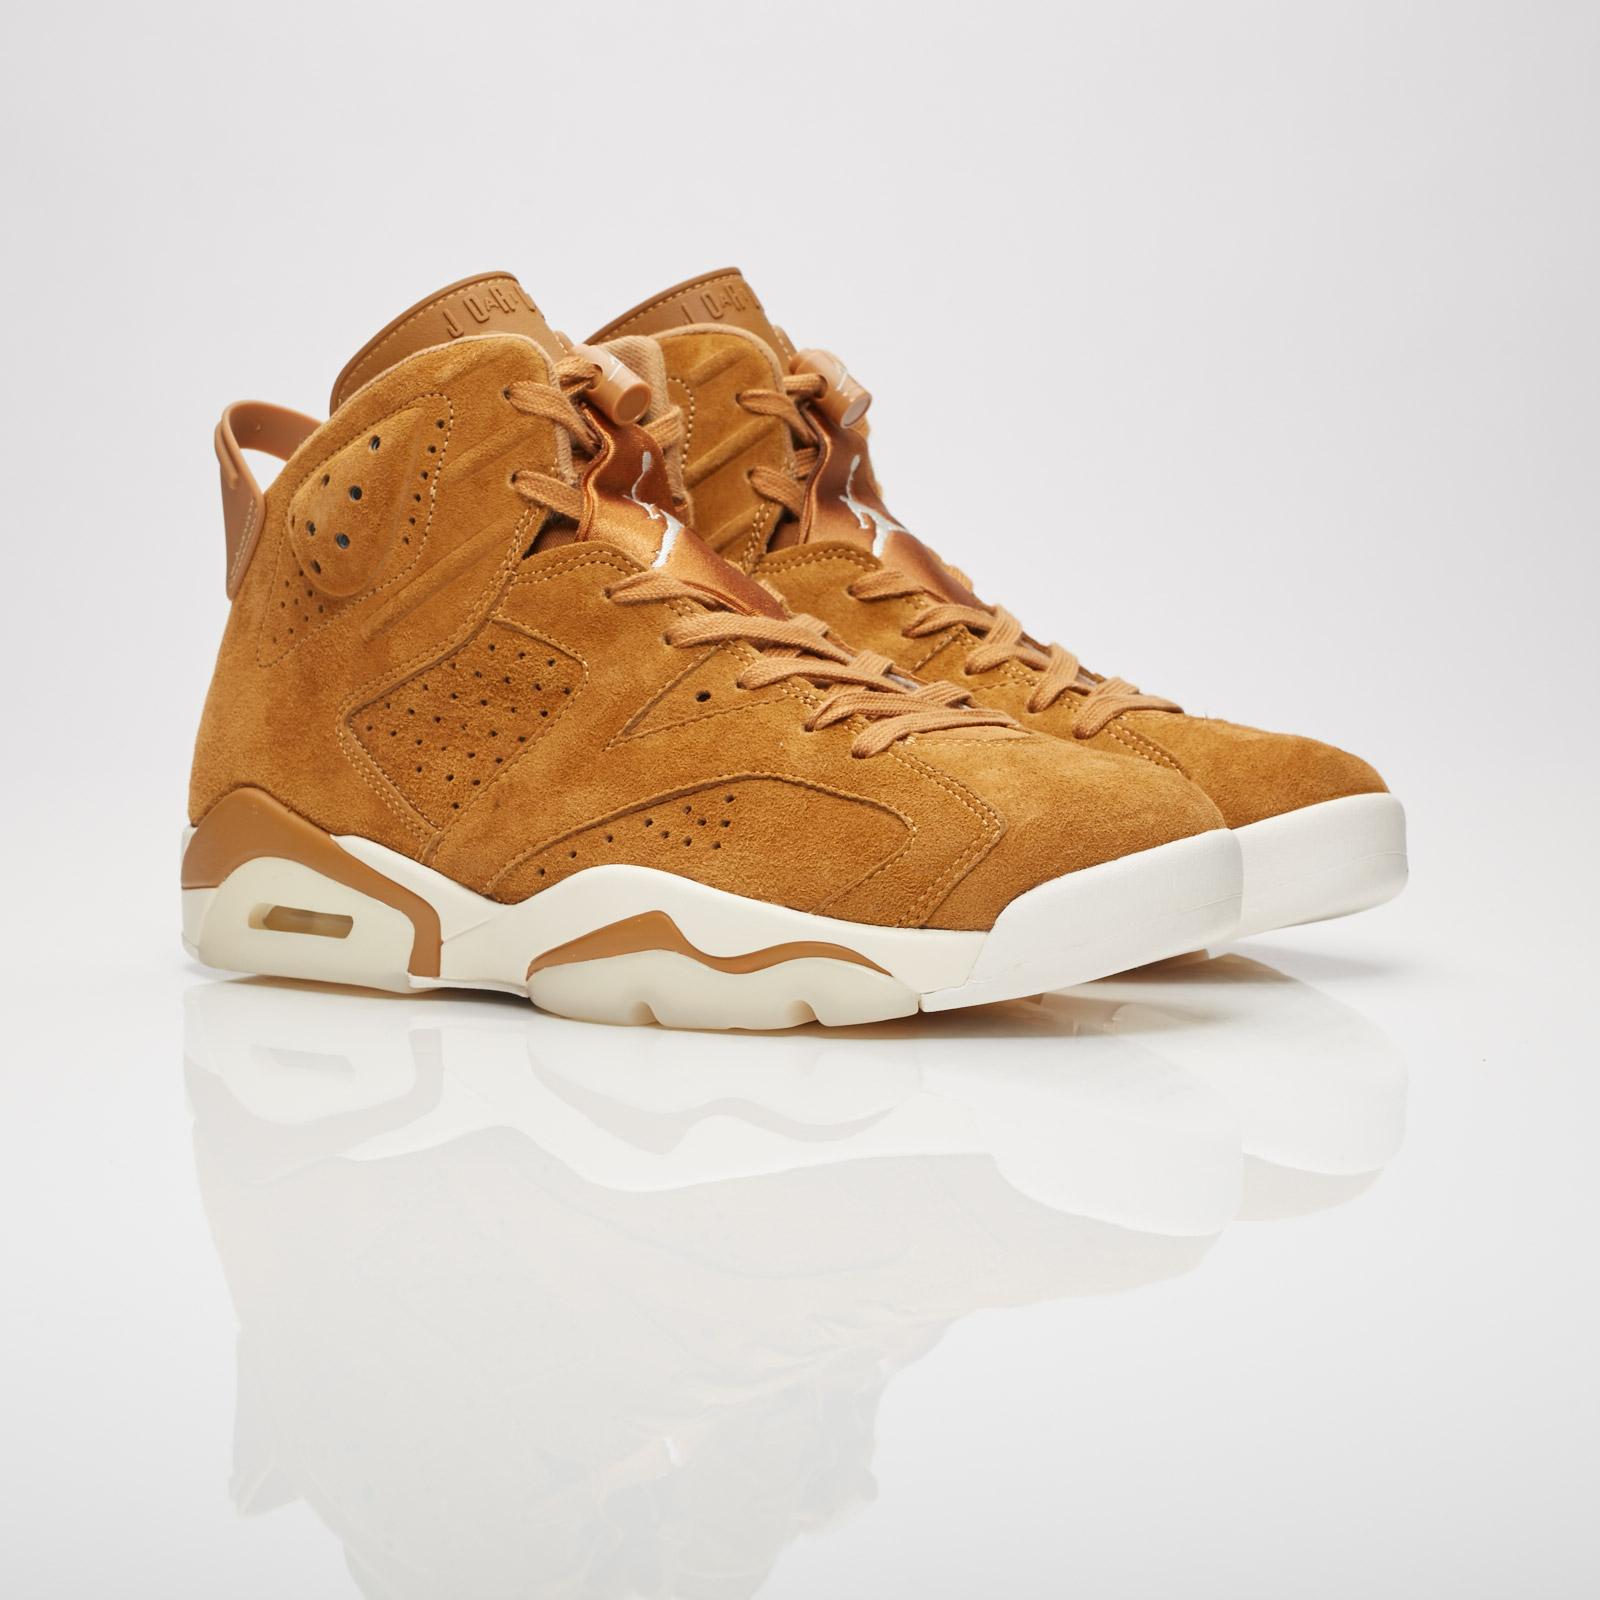 2731d75bfe74 Jordan Brand Air Jordan 6 Retro